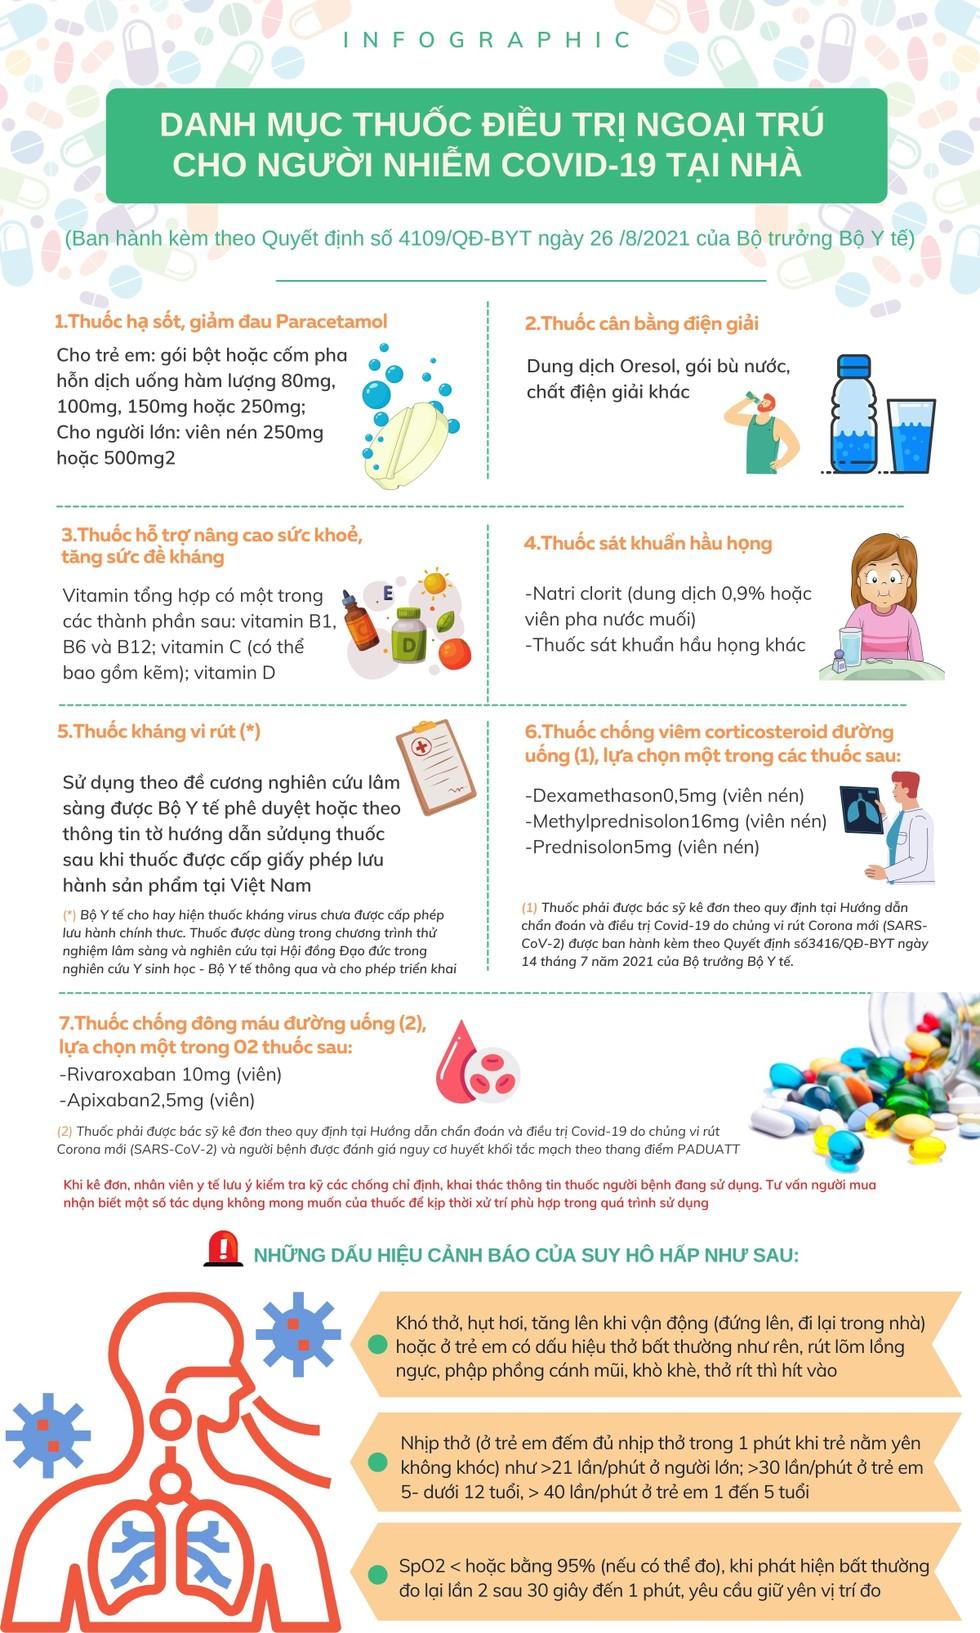 [Infographic] Danh mục 7 loại thuốc điều trị ngoại trú cho người nhiễm Covid-19 tại nhà ảnh 1